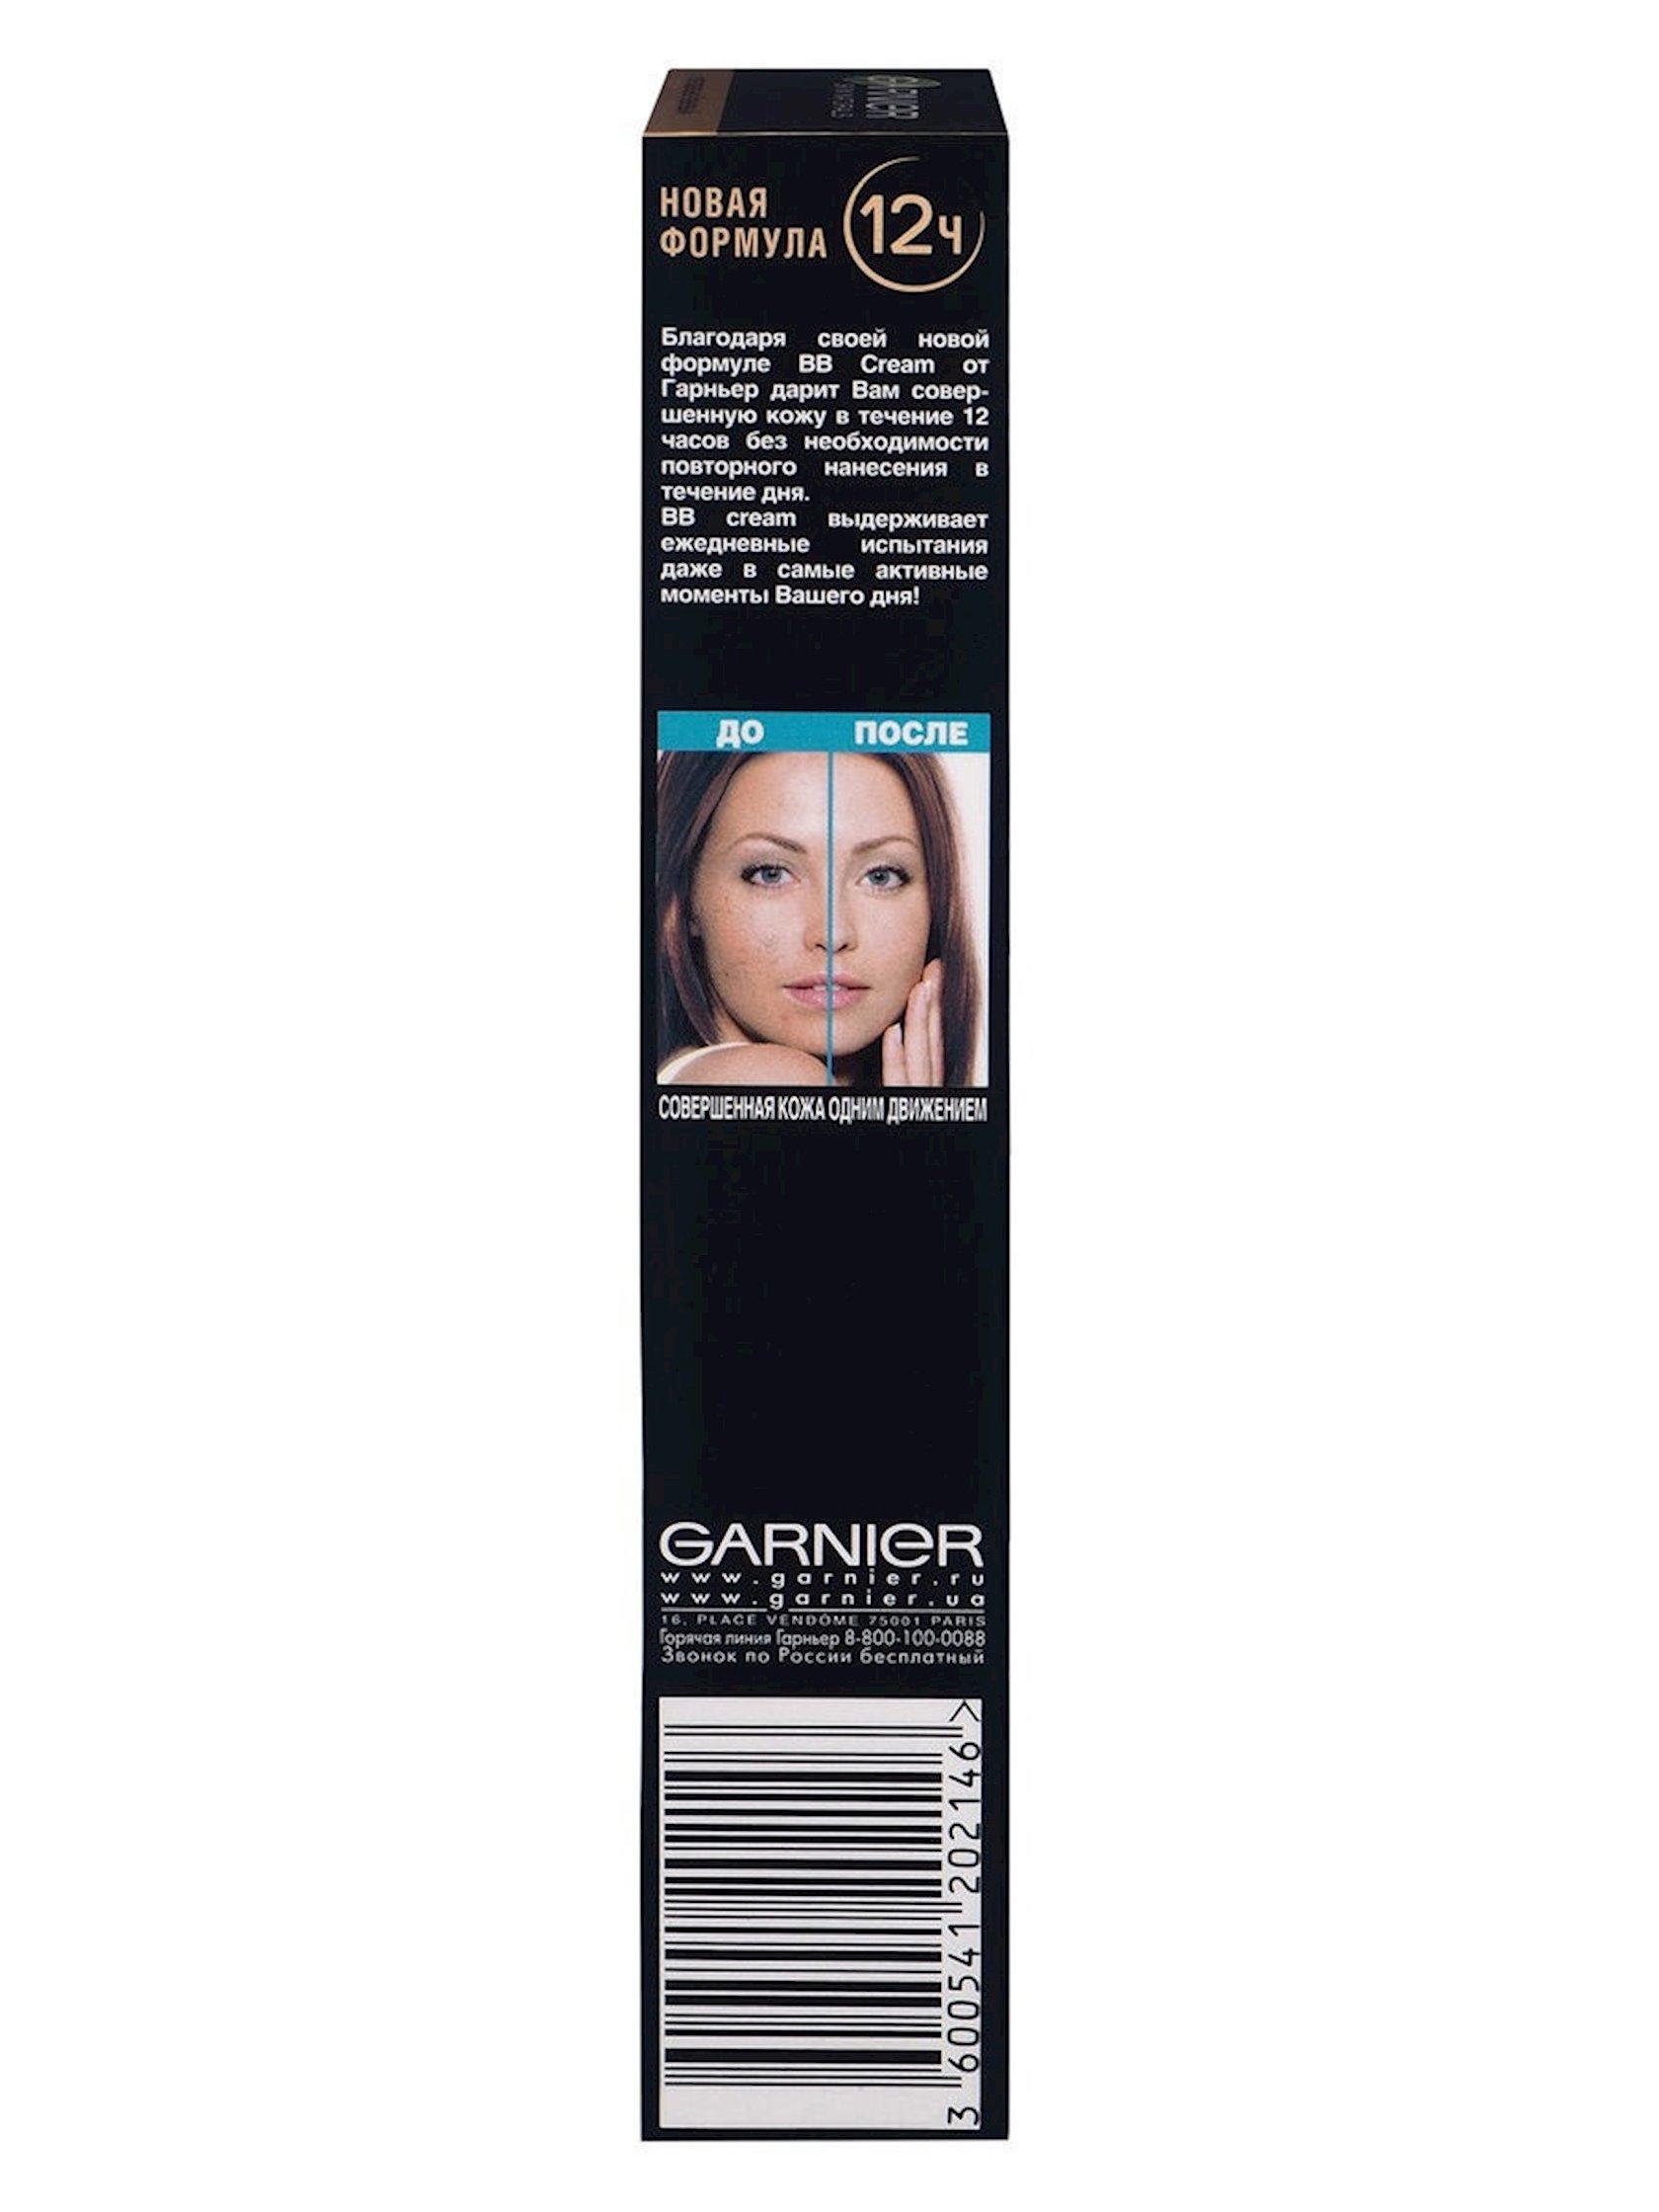 BB-krem qarışıq və yağlı dəri üçün Garnier Skin Naturals Mükəmməlliyin sirri Təbii bej 40 ml